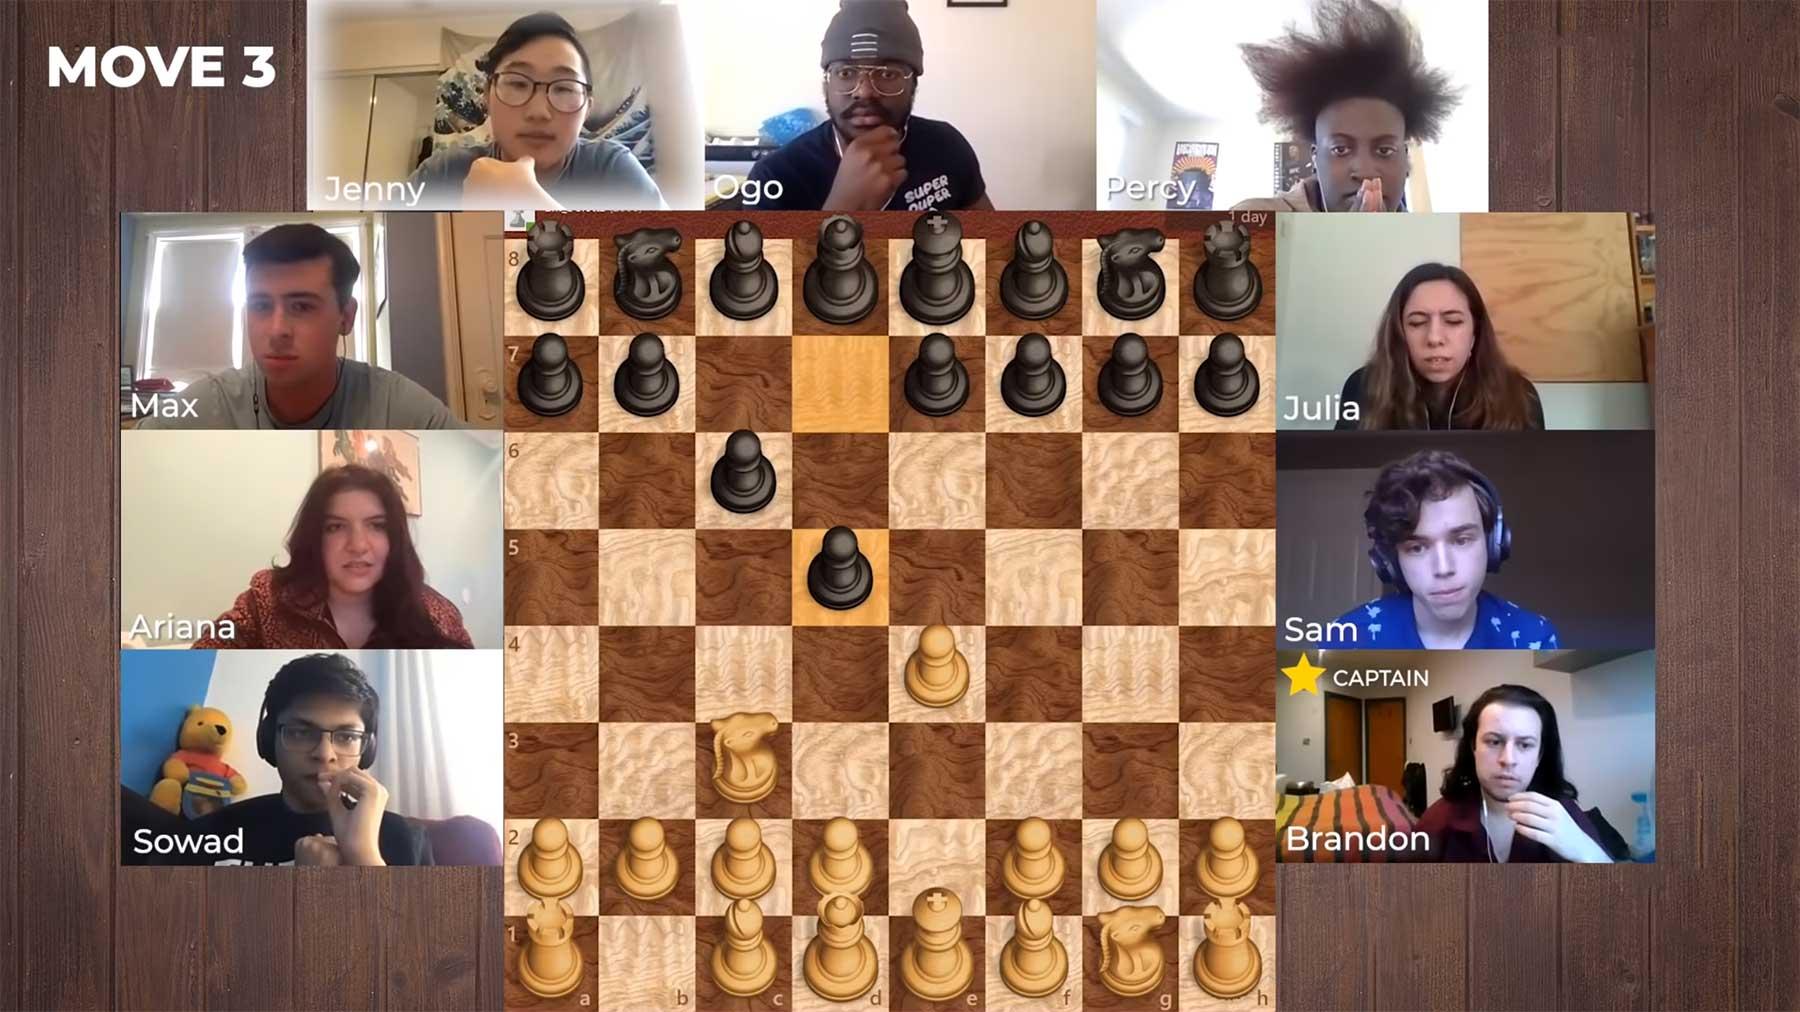 Schach: 9 Amateure gegen einen 13-jährigen Profi